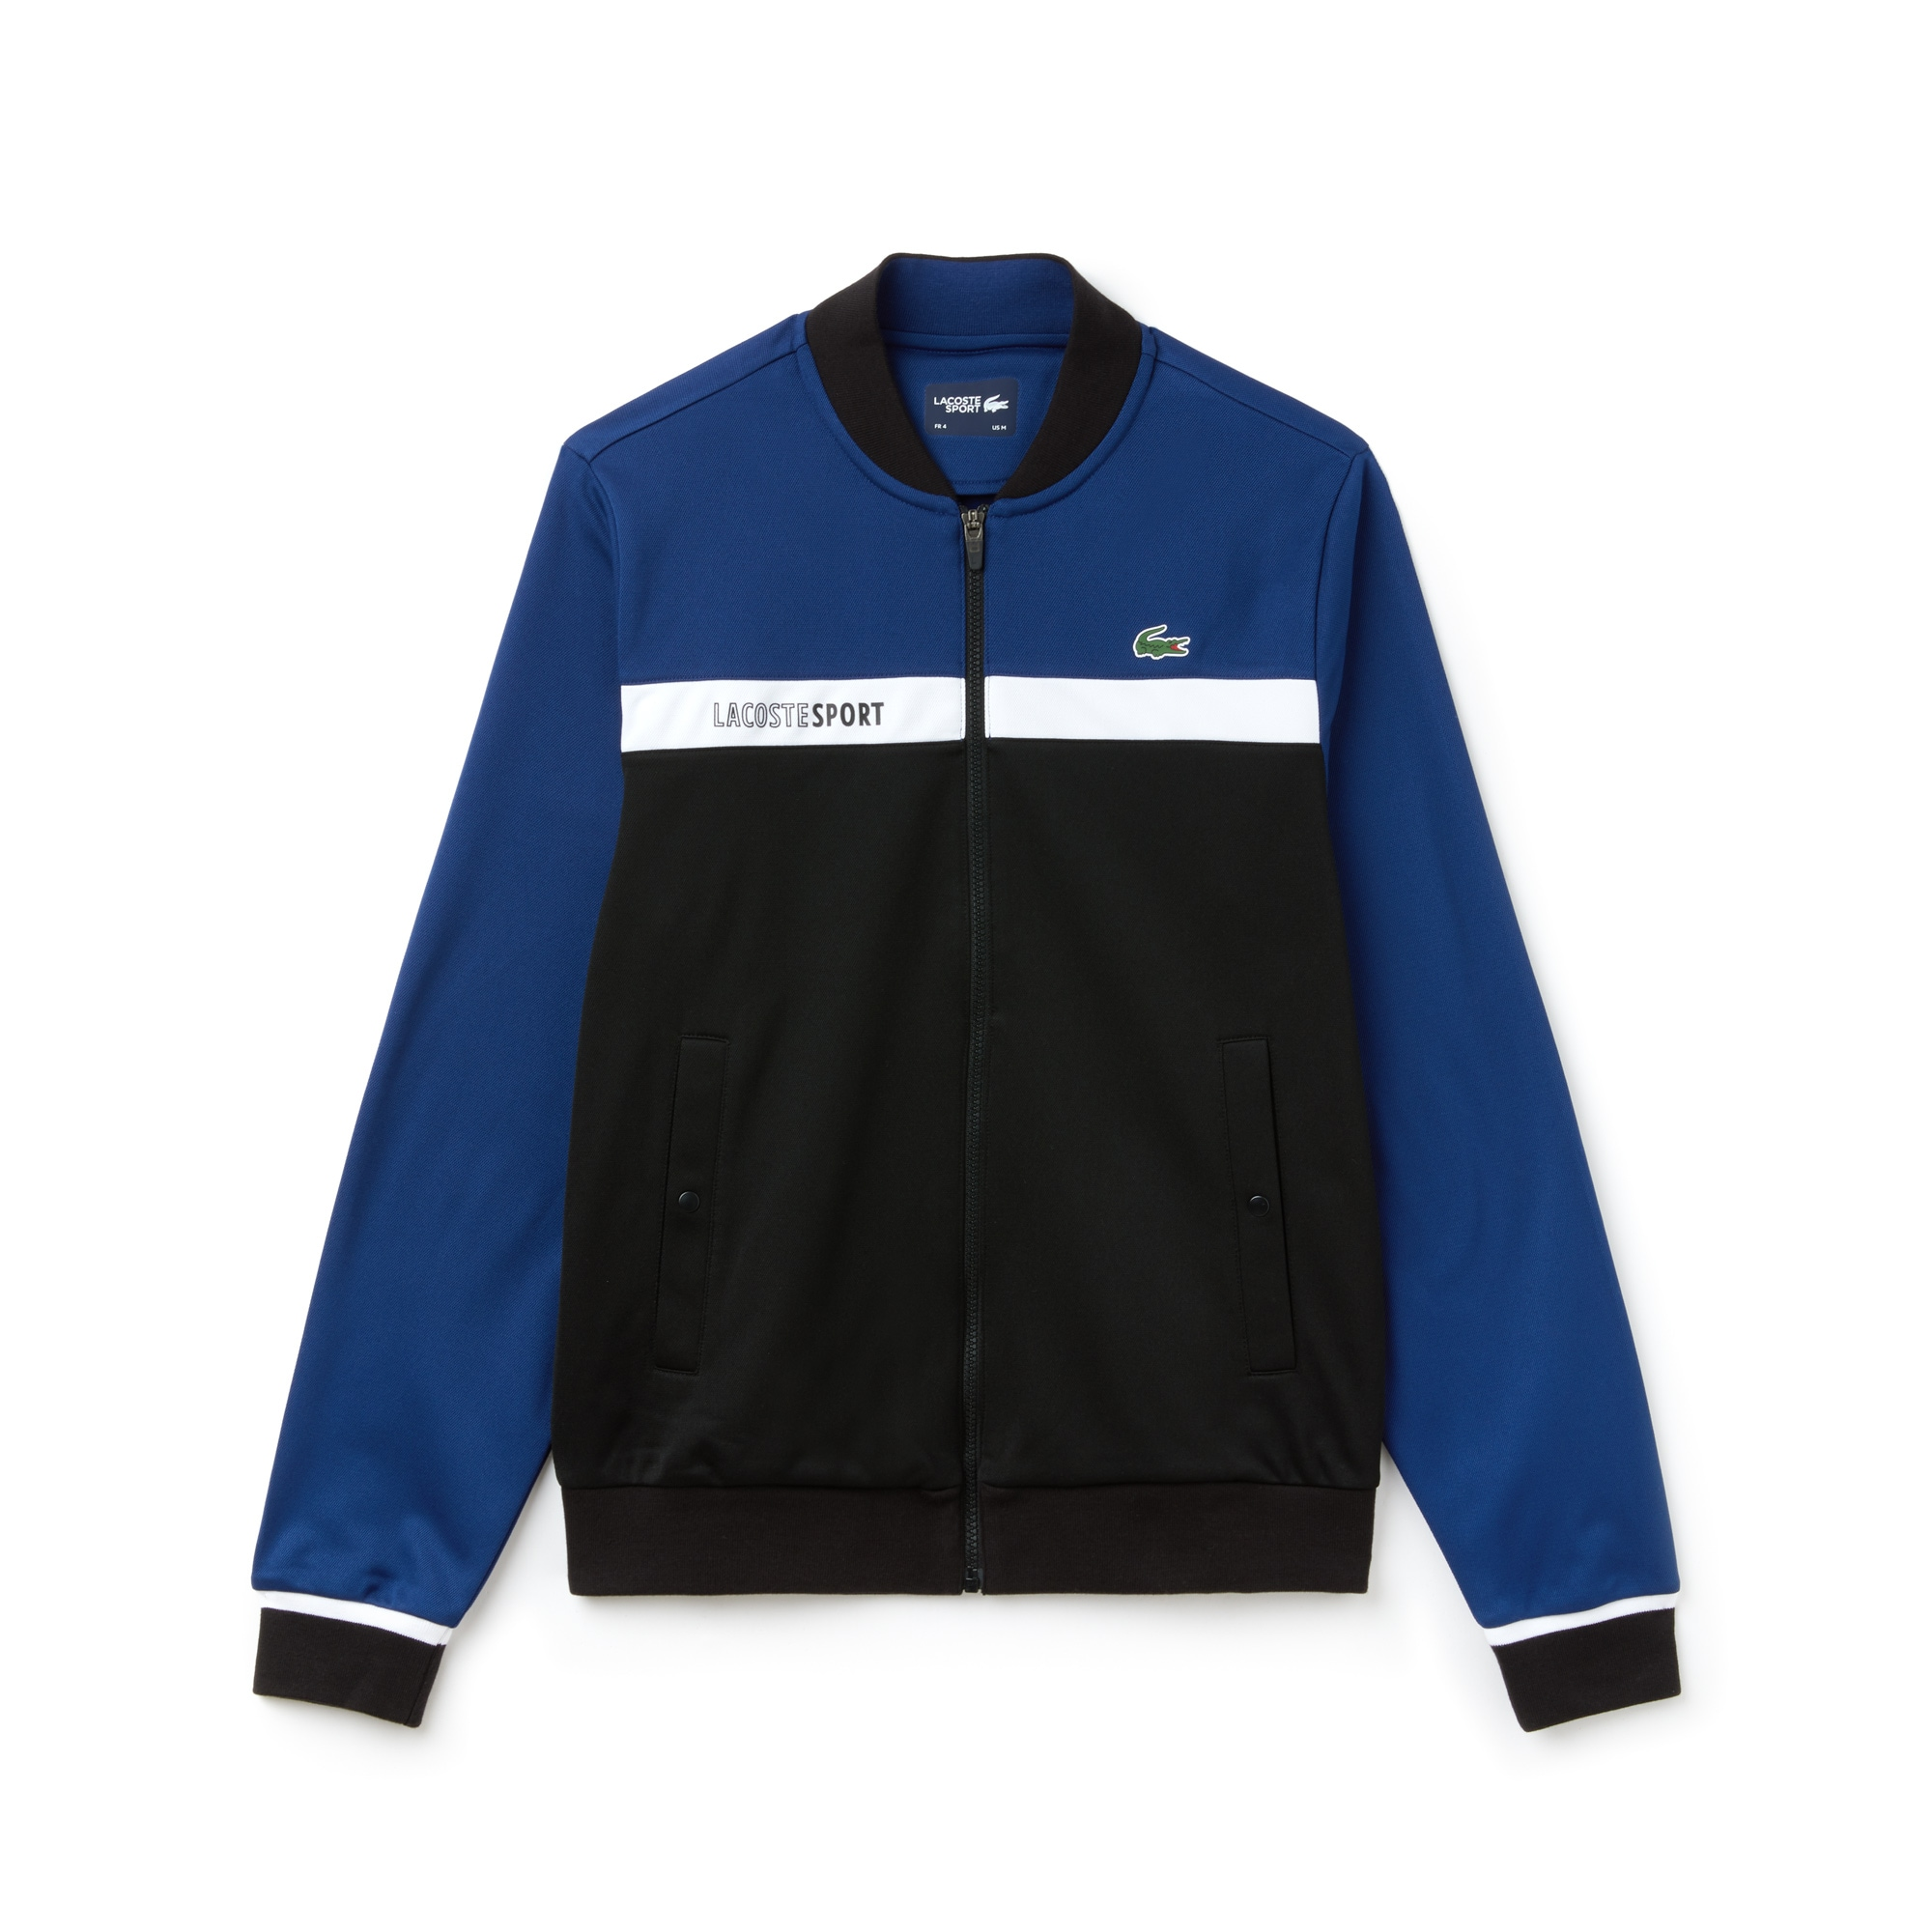 Men's Lacoste SPORT Colorblock Zip Piqué Tennis Sweatshirt